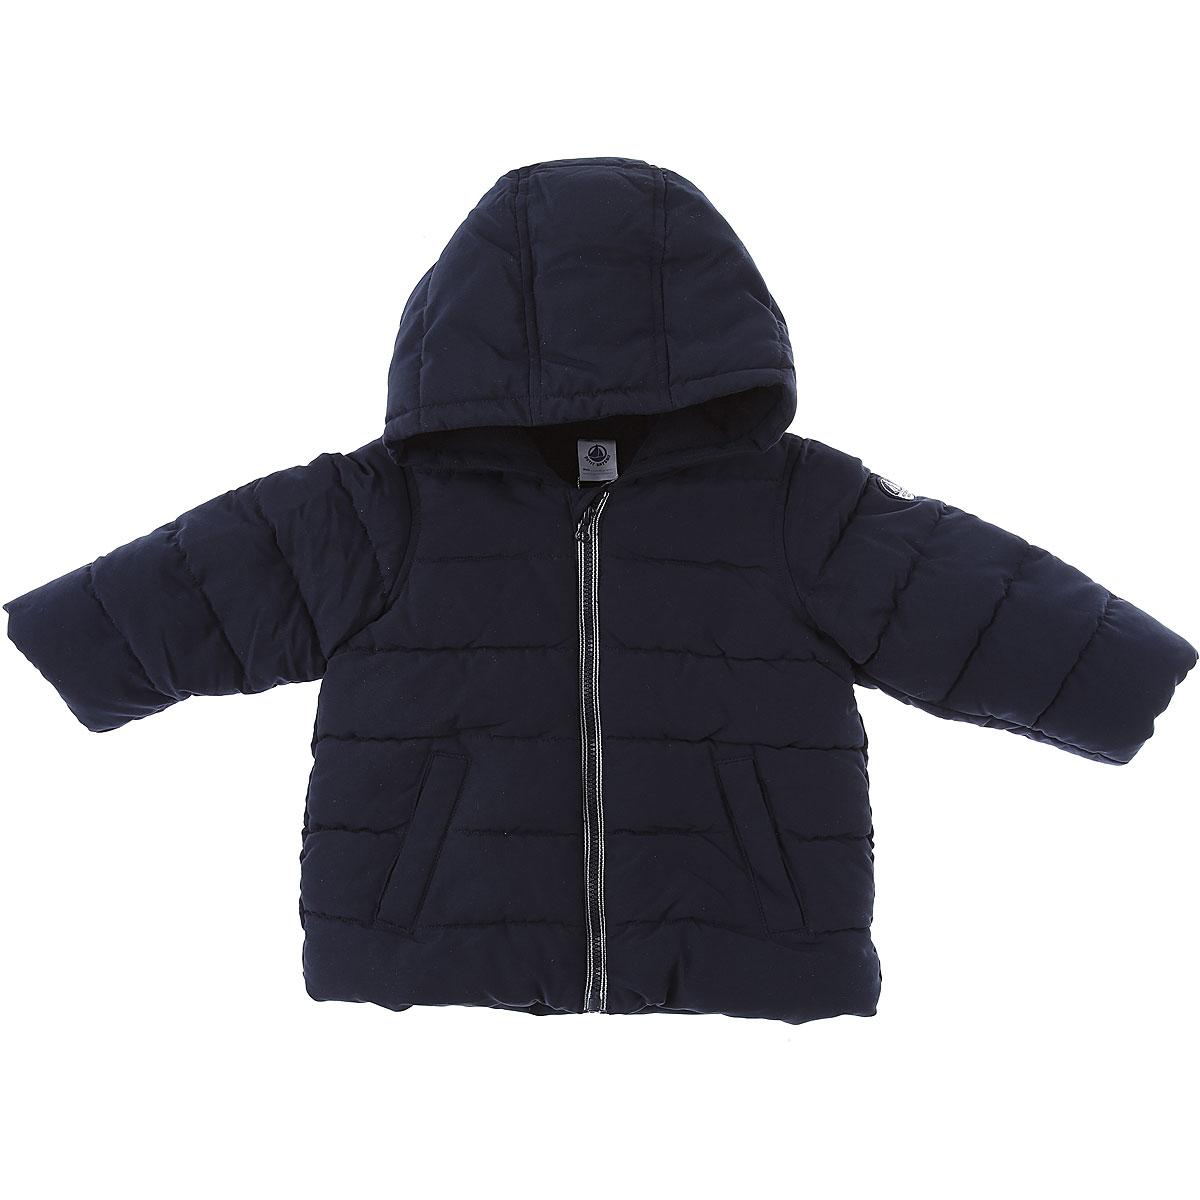 Petit Bateau Baby Down Jacket for Boys On Sale, Blue, Cotton, 2019, 18M 2Y 6M